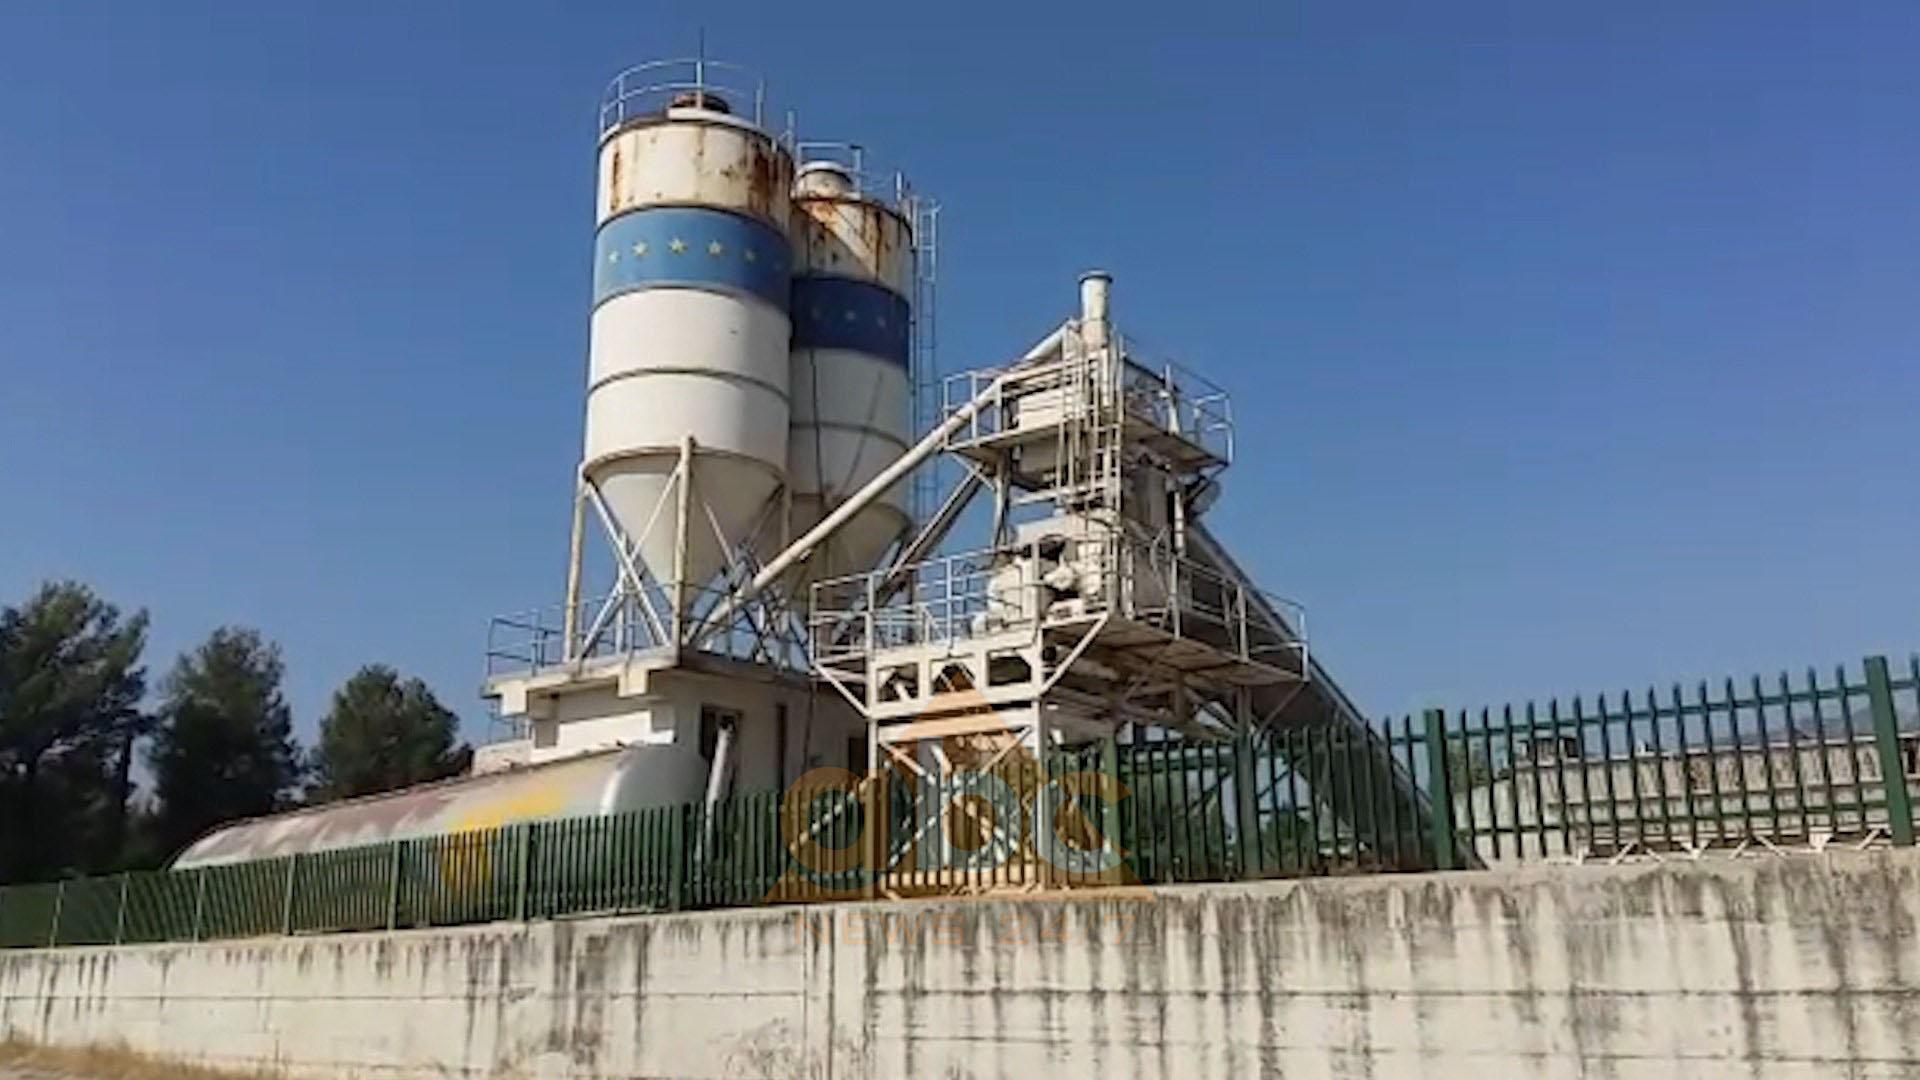 Elbasan/ Tragjedia në fabrikën e çimentos, arrestohen tekniku dhe menaxheri